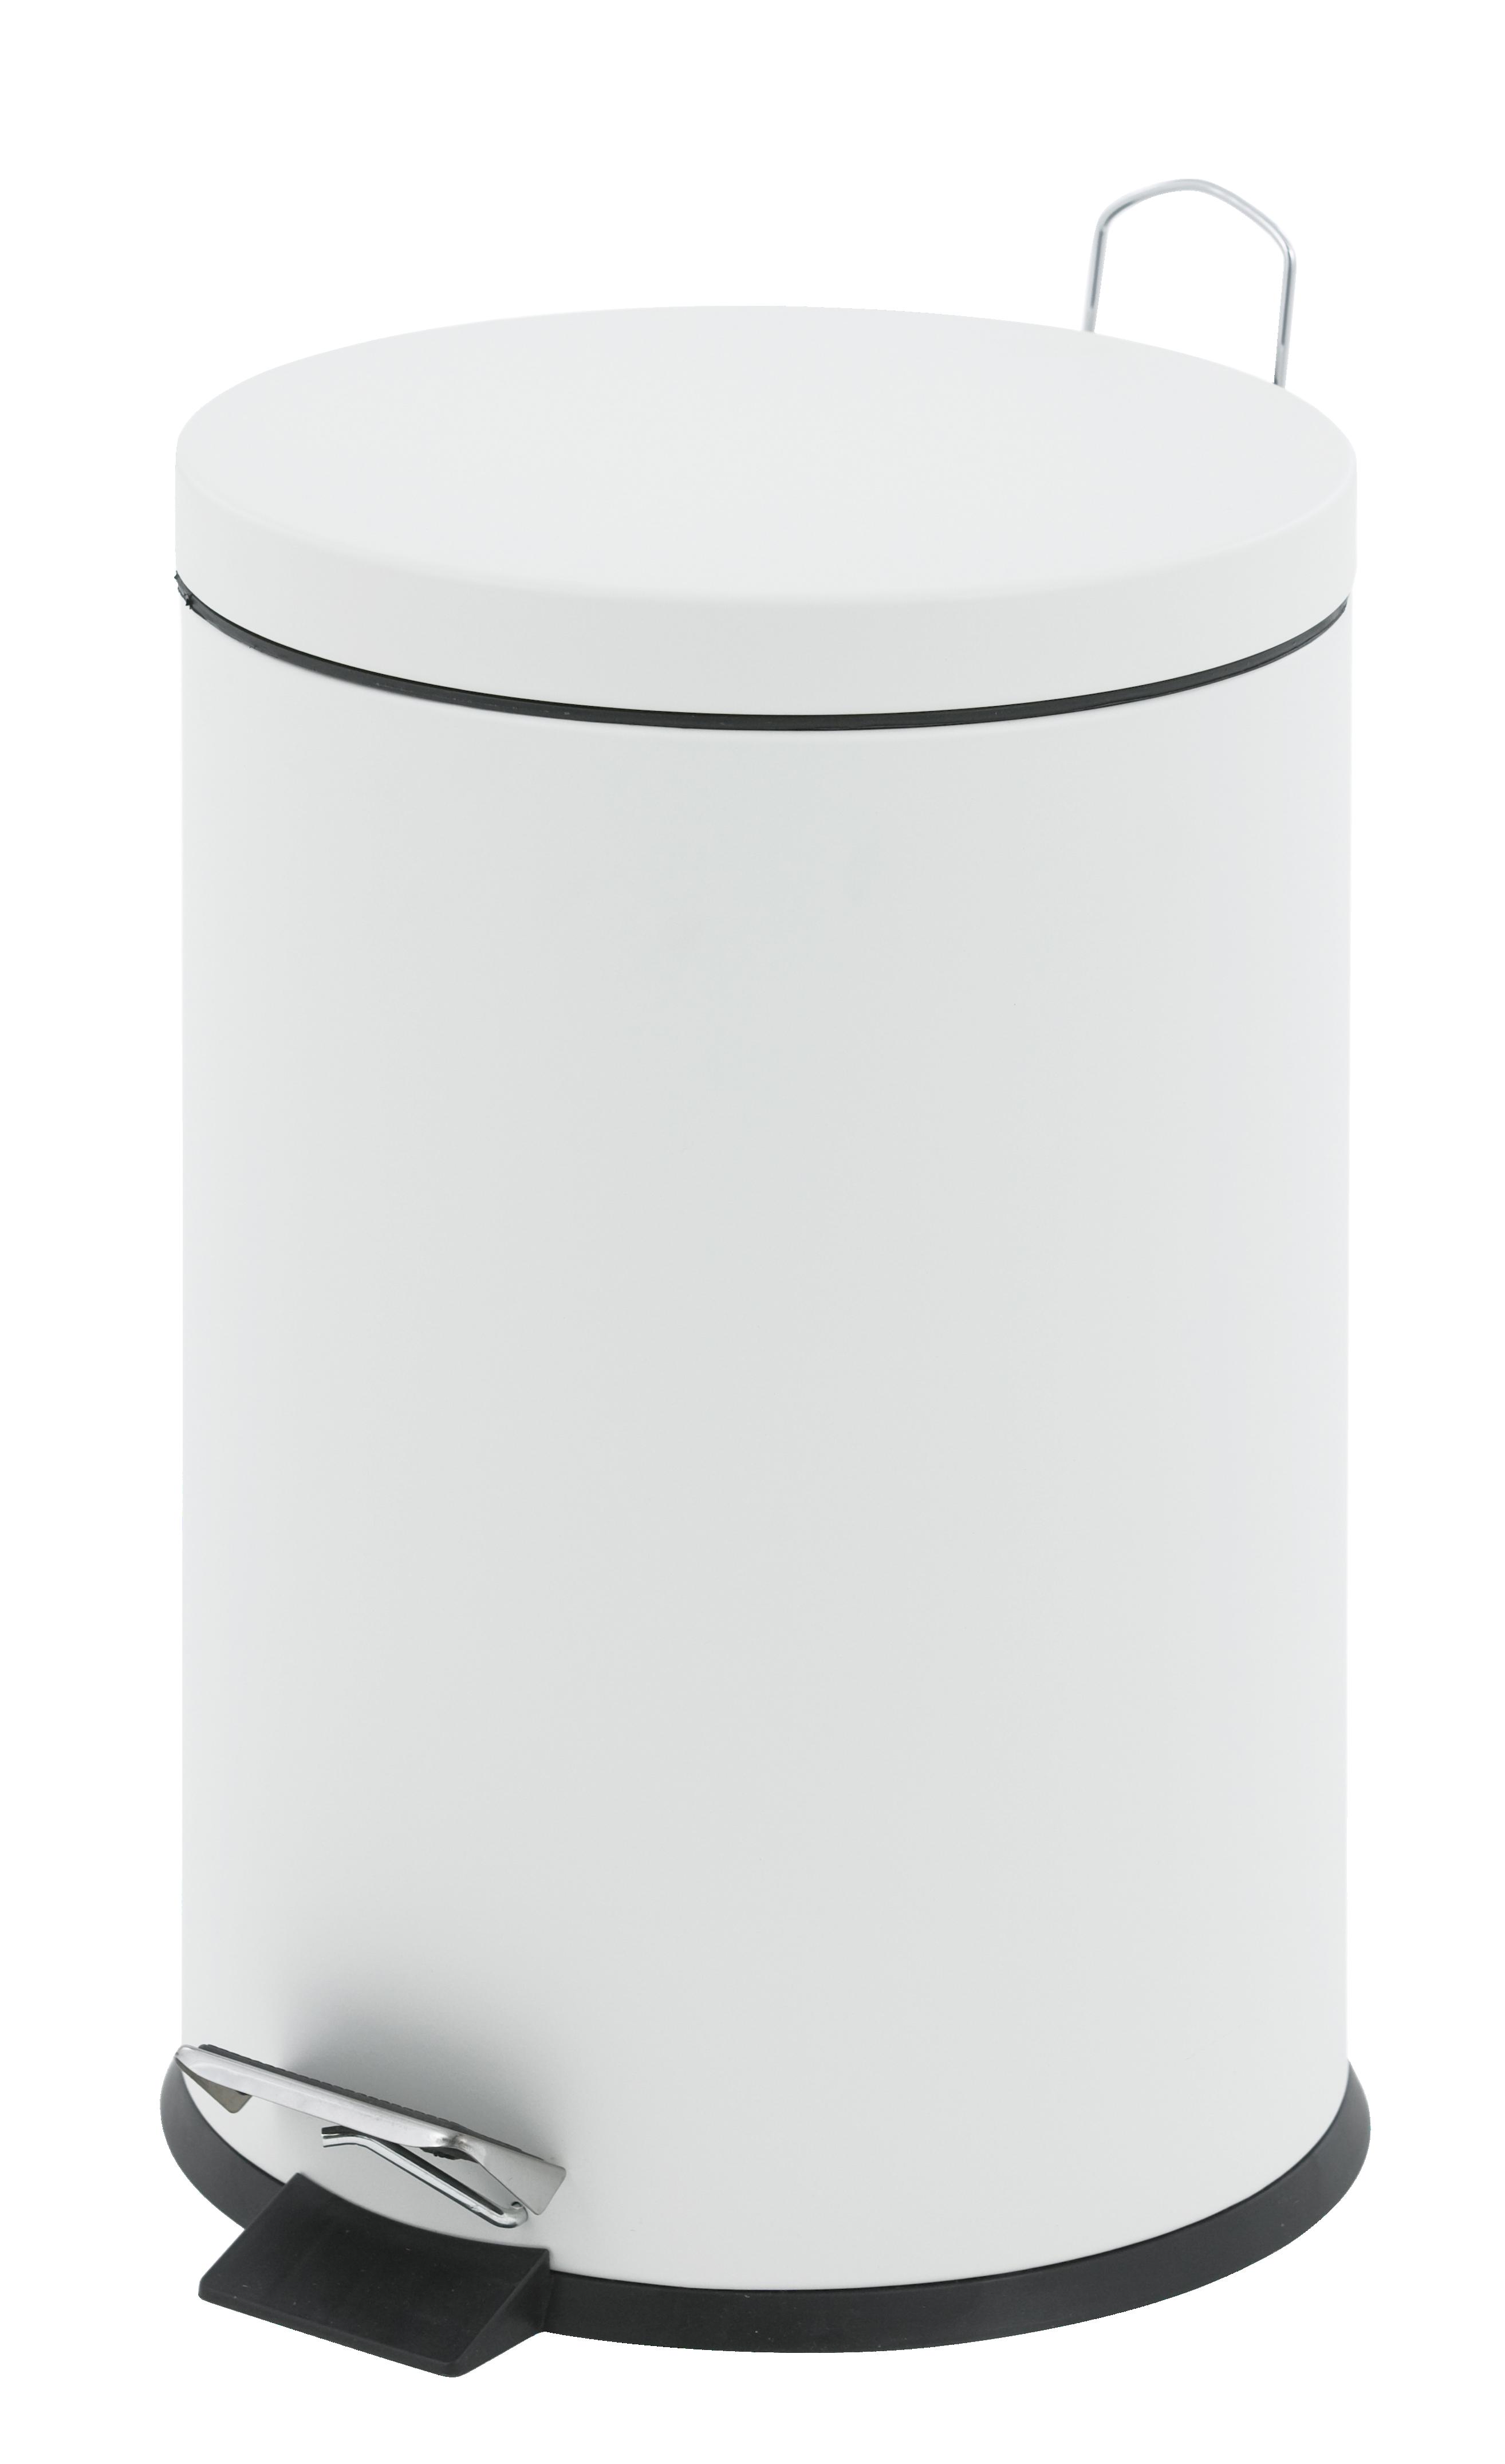 Kosmetikeimer Metall, 3 Liter, weiß, 26 x 17 cm